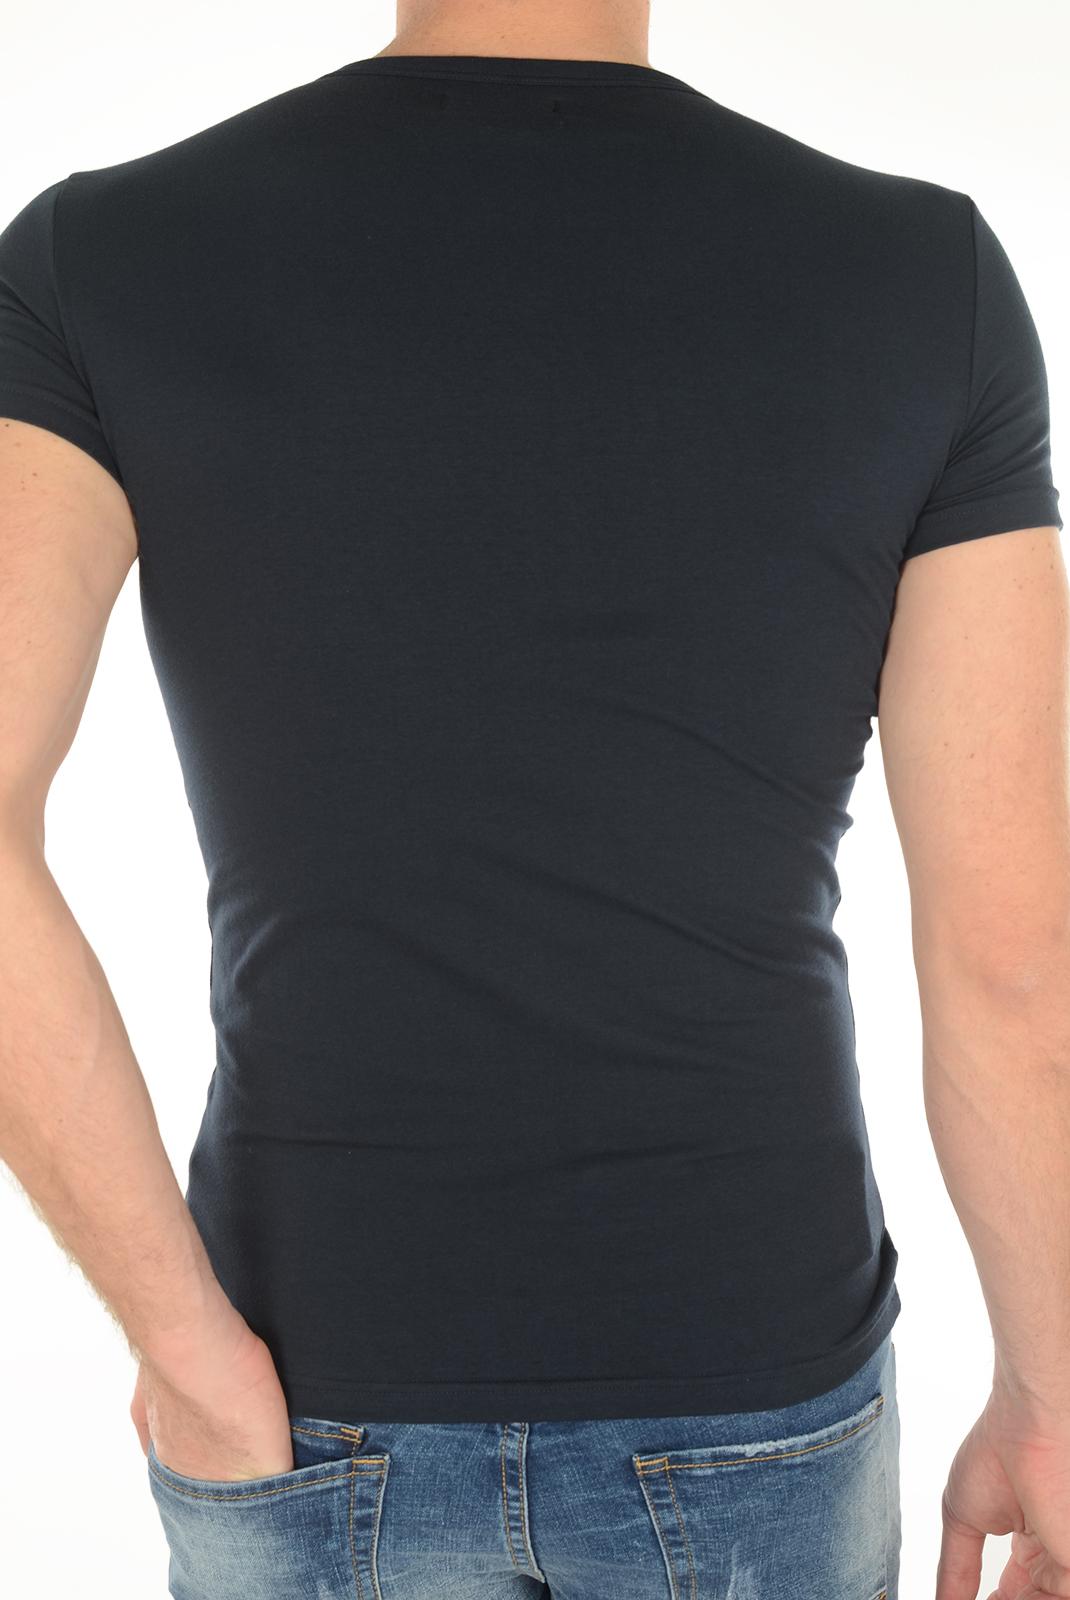 Tee-shirts manches courtes  Emporio armani 111035 6A715 0135 BLEU